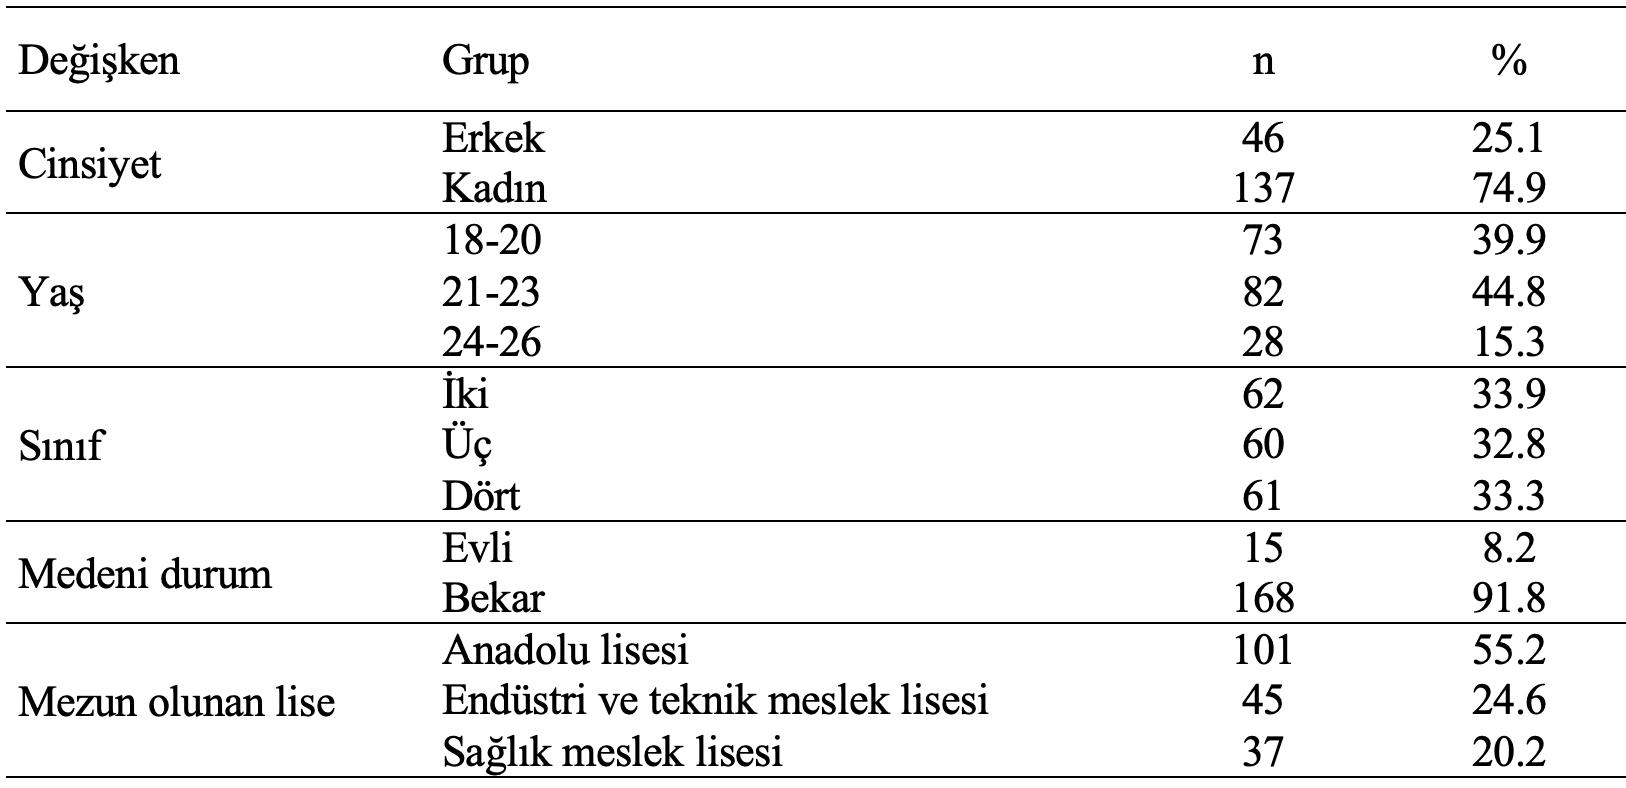 öğrenciler demografik özellikleri